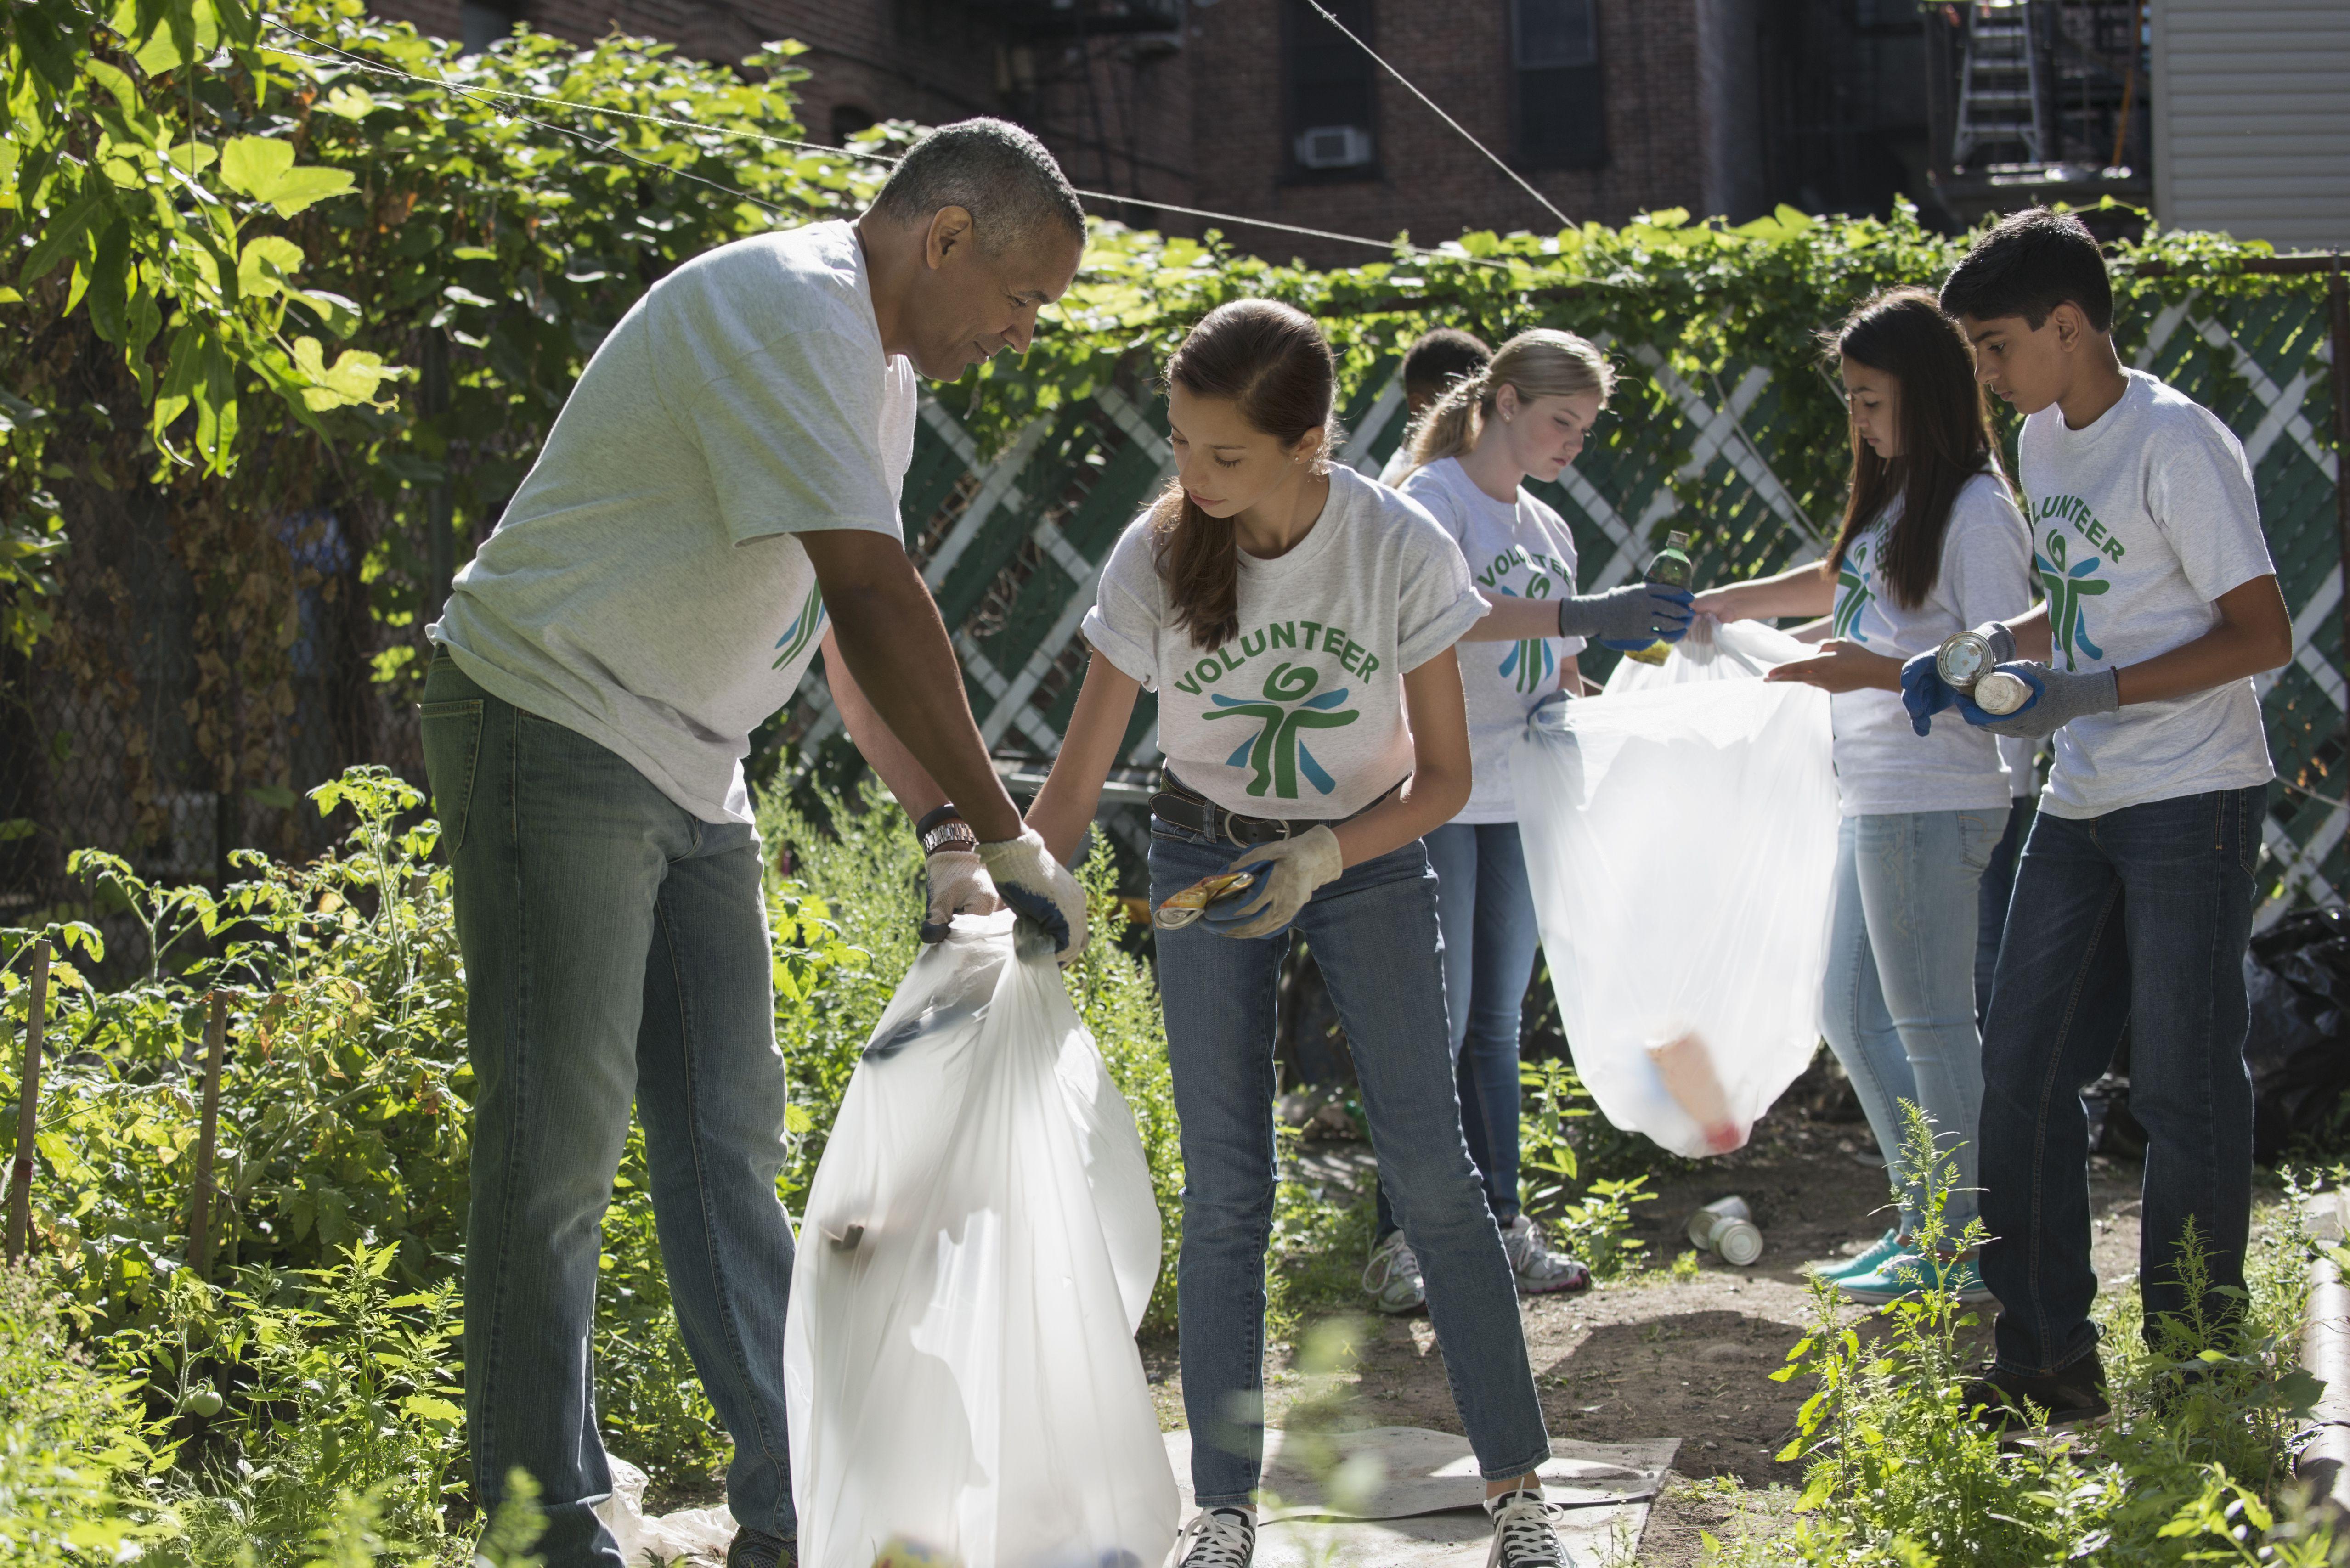 Volunteers picking up litter in urban garden